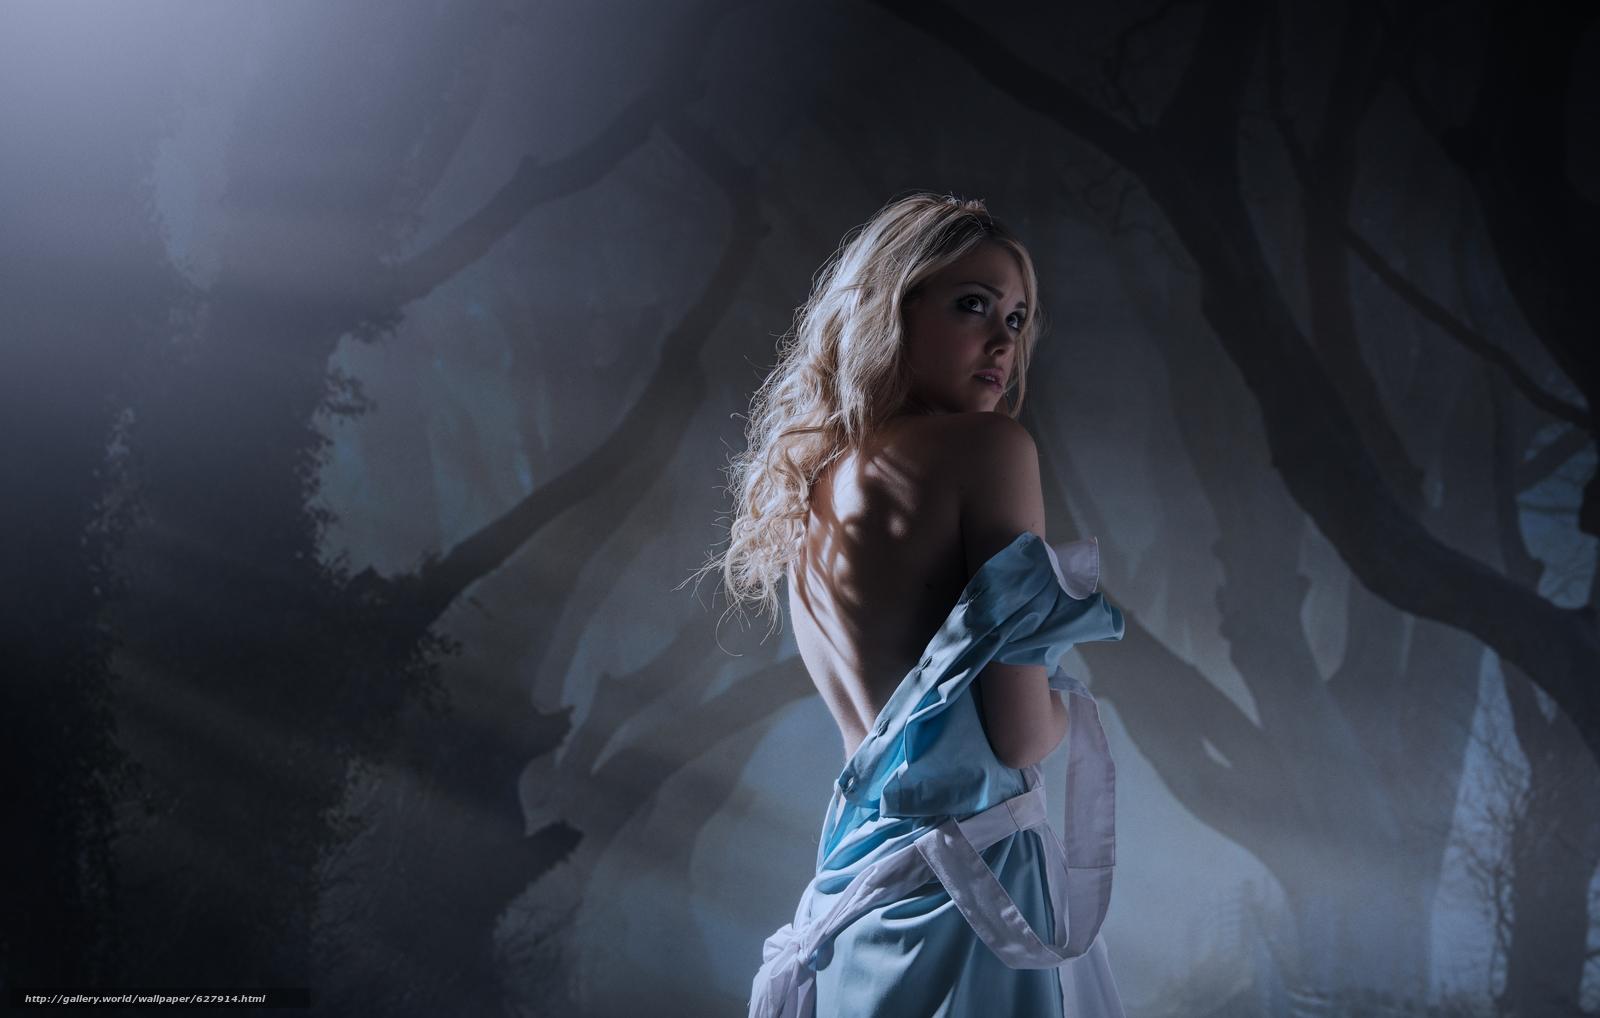 Скачать на телефон обои фото картинку на тему Alice in Wonderland, девушка, платье, спина, лес, разширение 10580x6731